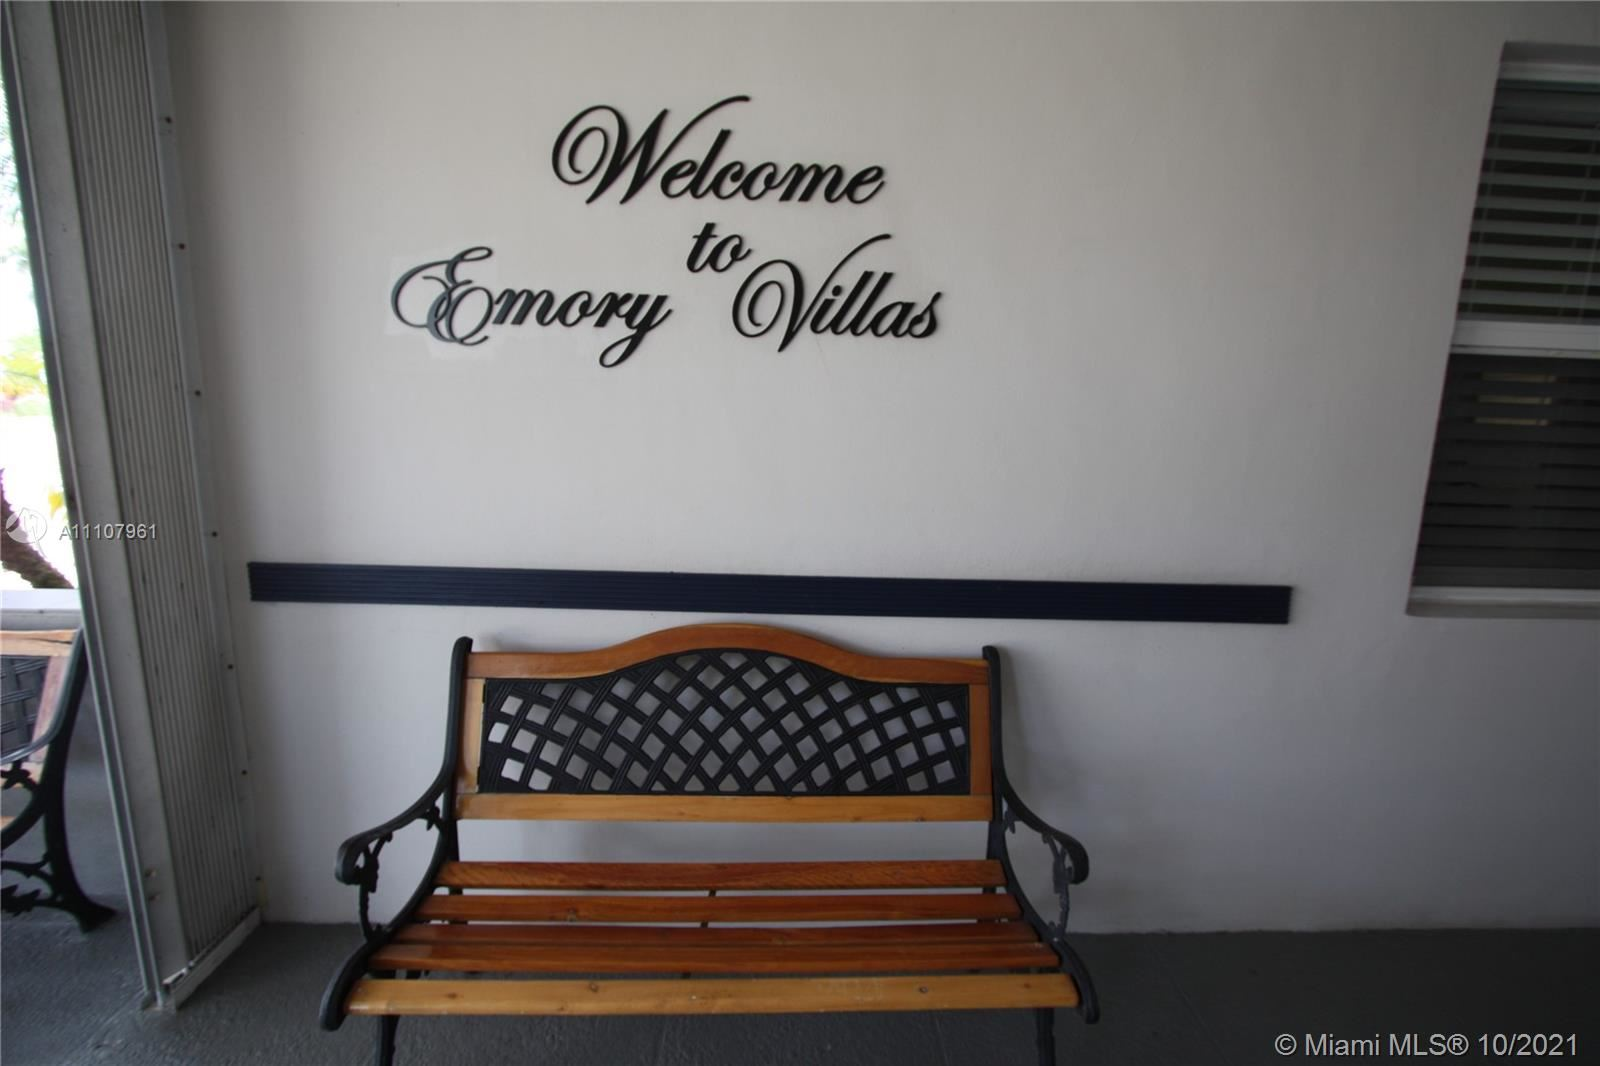 2572 E Emory Dr E #F, West Palm Beach, FL 33415 - #: A11107961